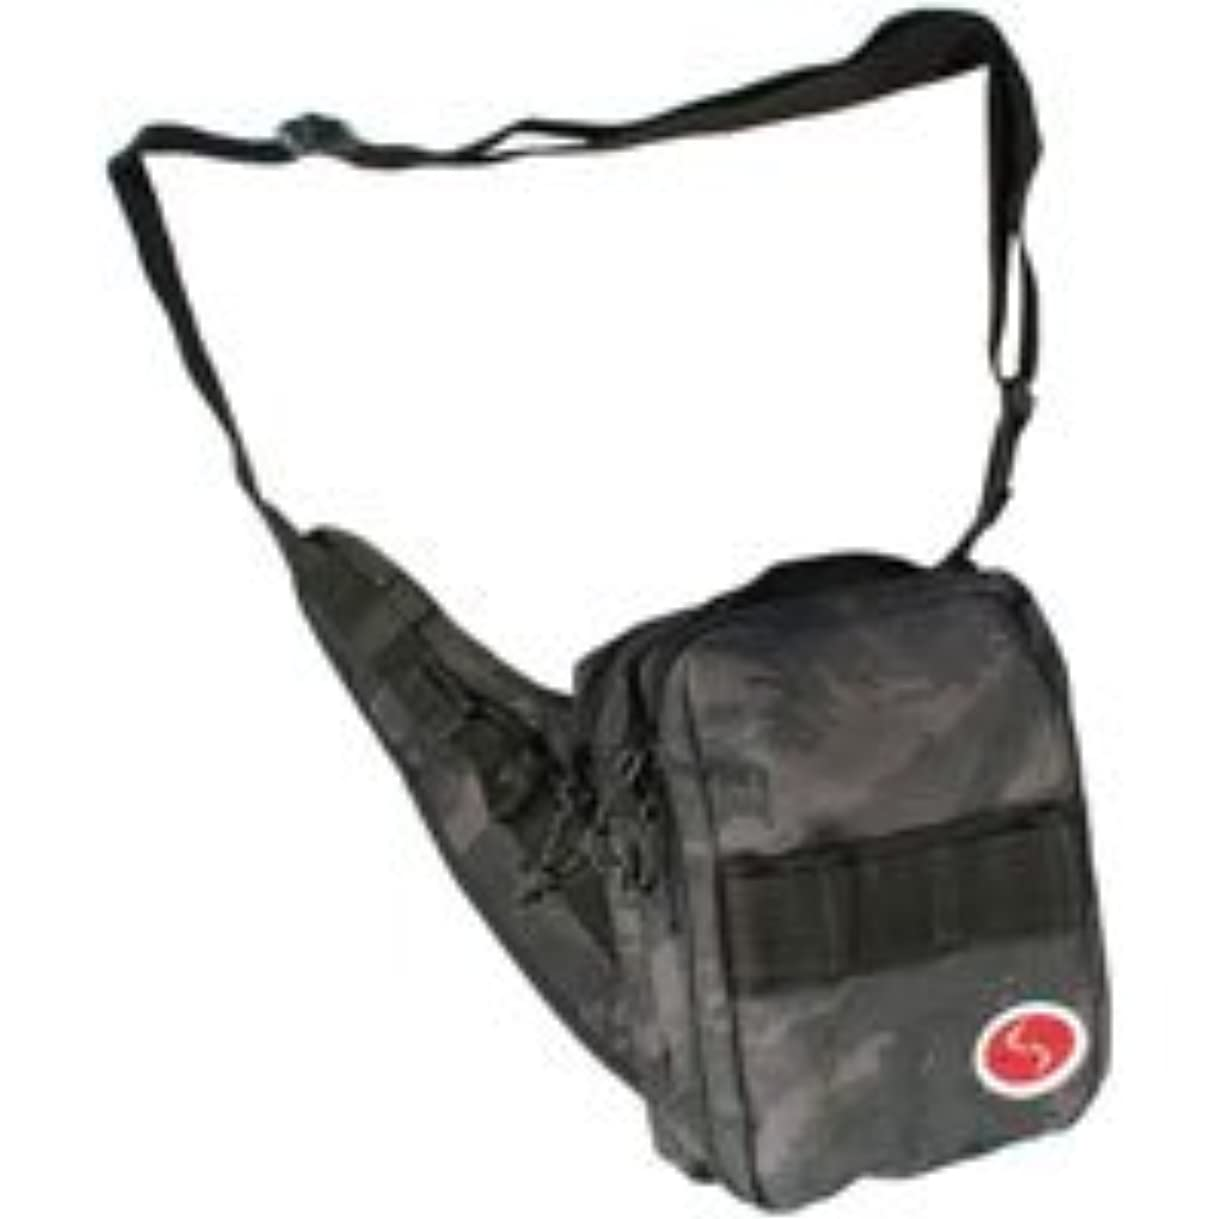 サスペンド豊富ブランドLSD サイドショット/ブラックカモ バッグ